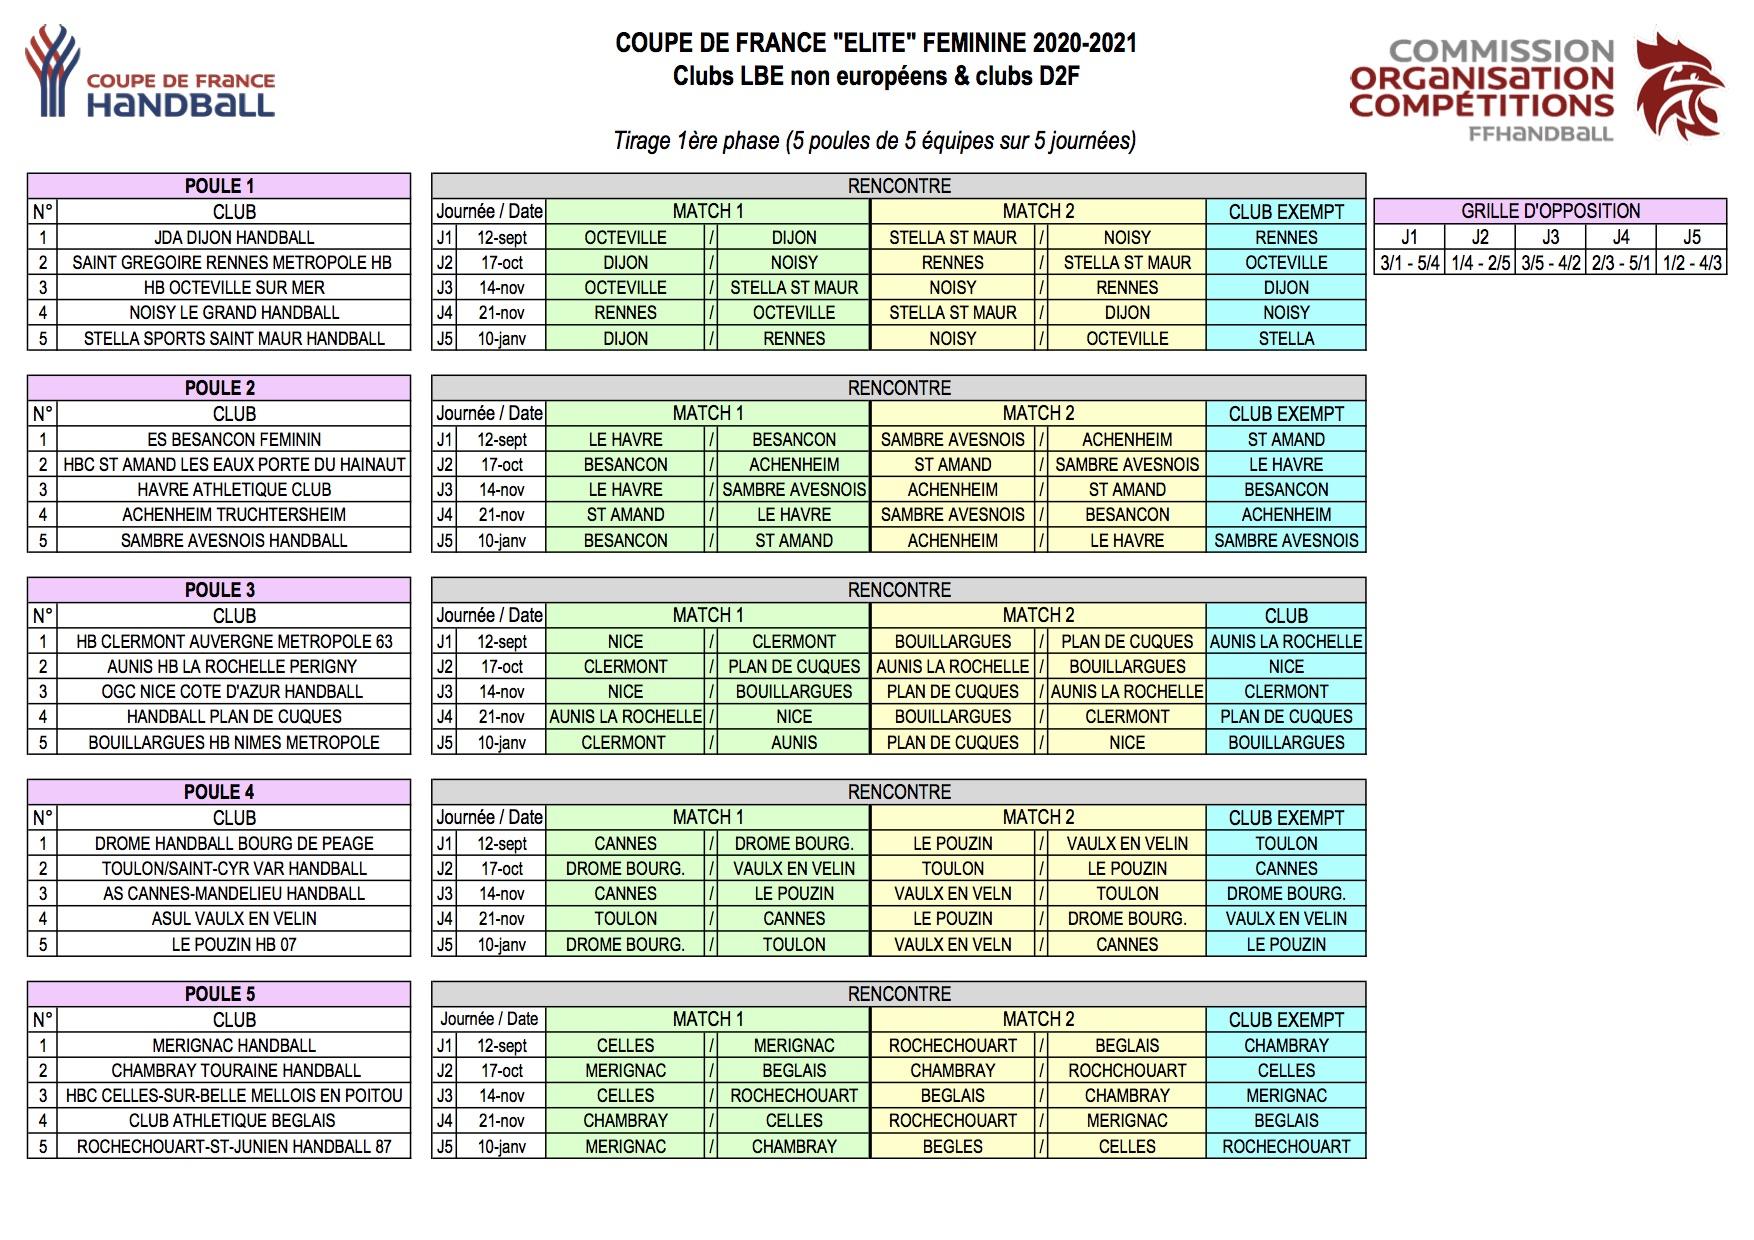 nouvelle formule pour la Coupe de France Elite féminine